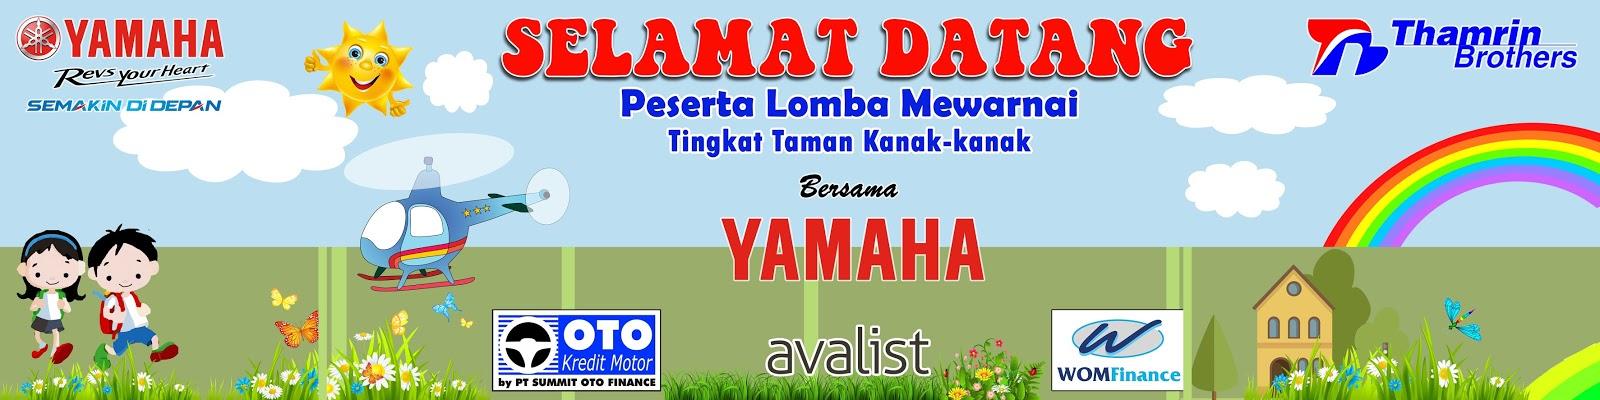 Contoh Banner Lomba Mewarnai Contoh